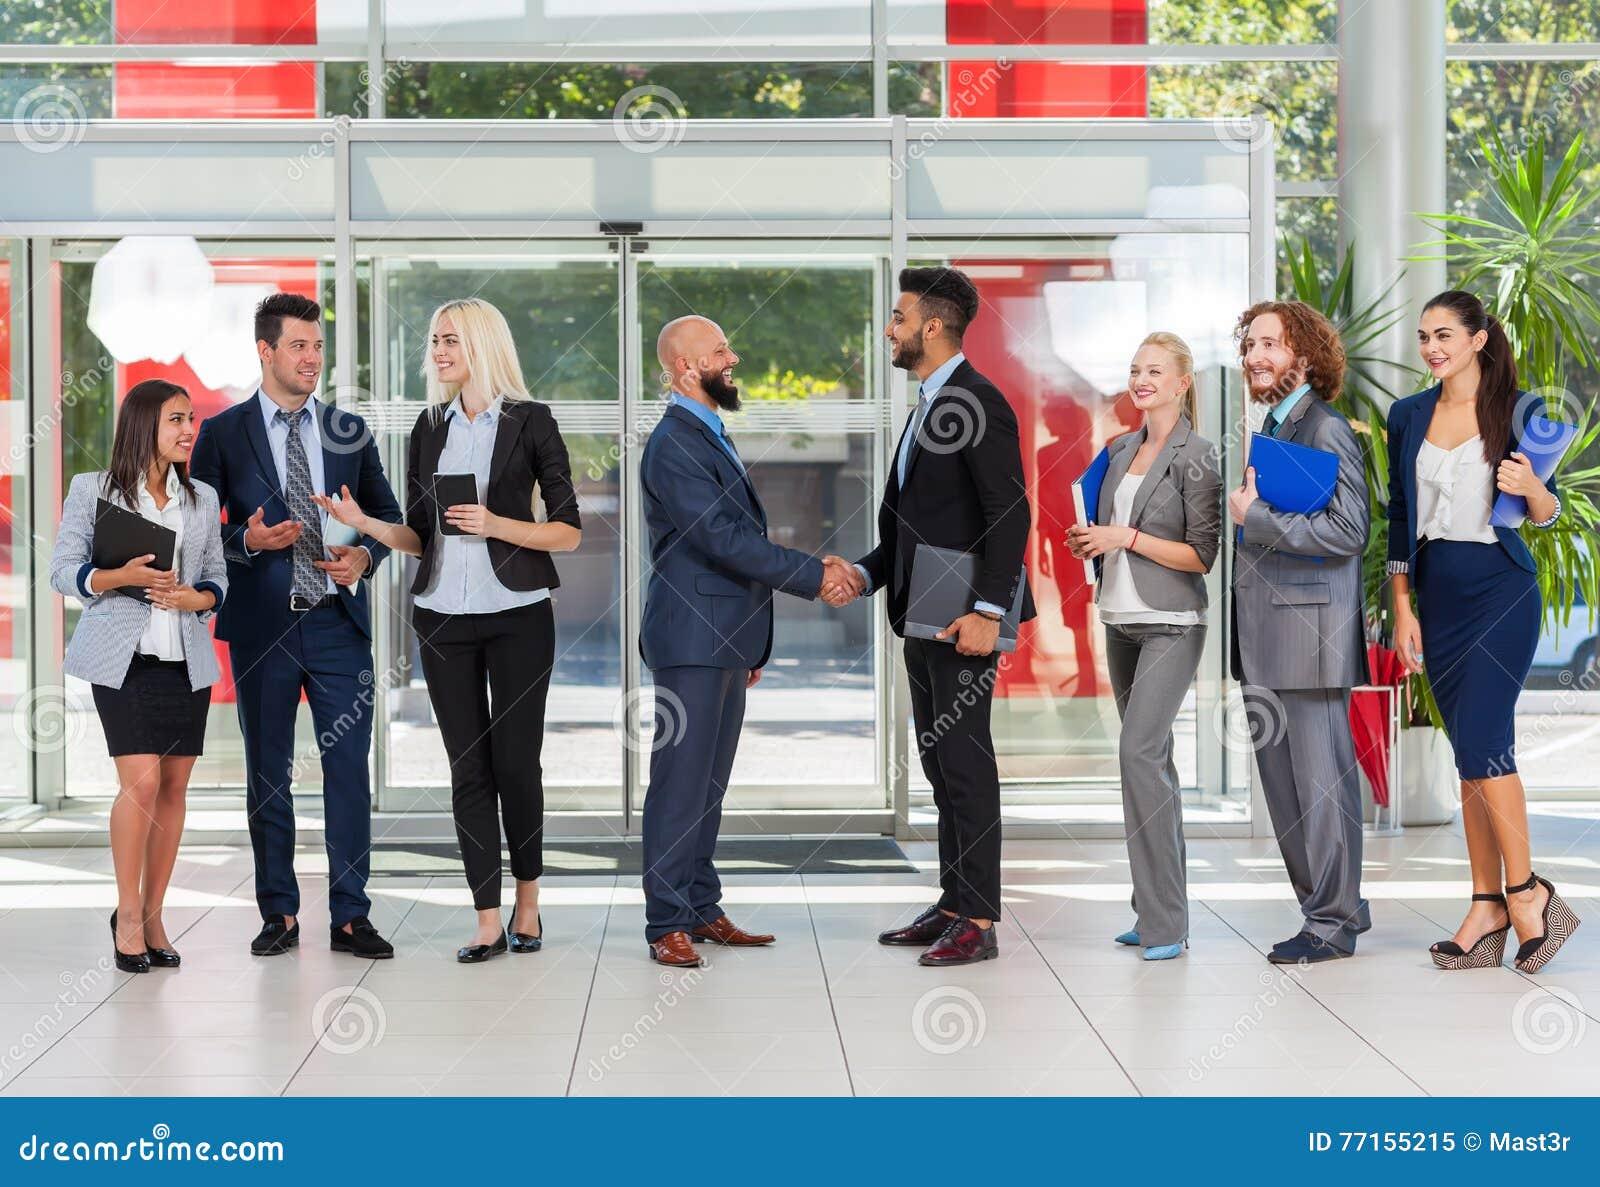 Gens d affaires de groupe de patron de geste de Hand Shake Welcome dans le bureau moderne, hommes d affaires Team Handshake Sign